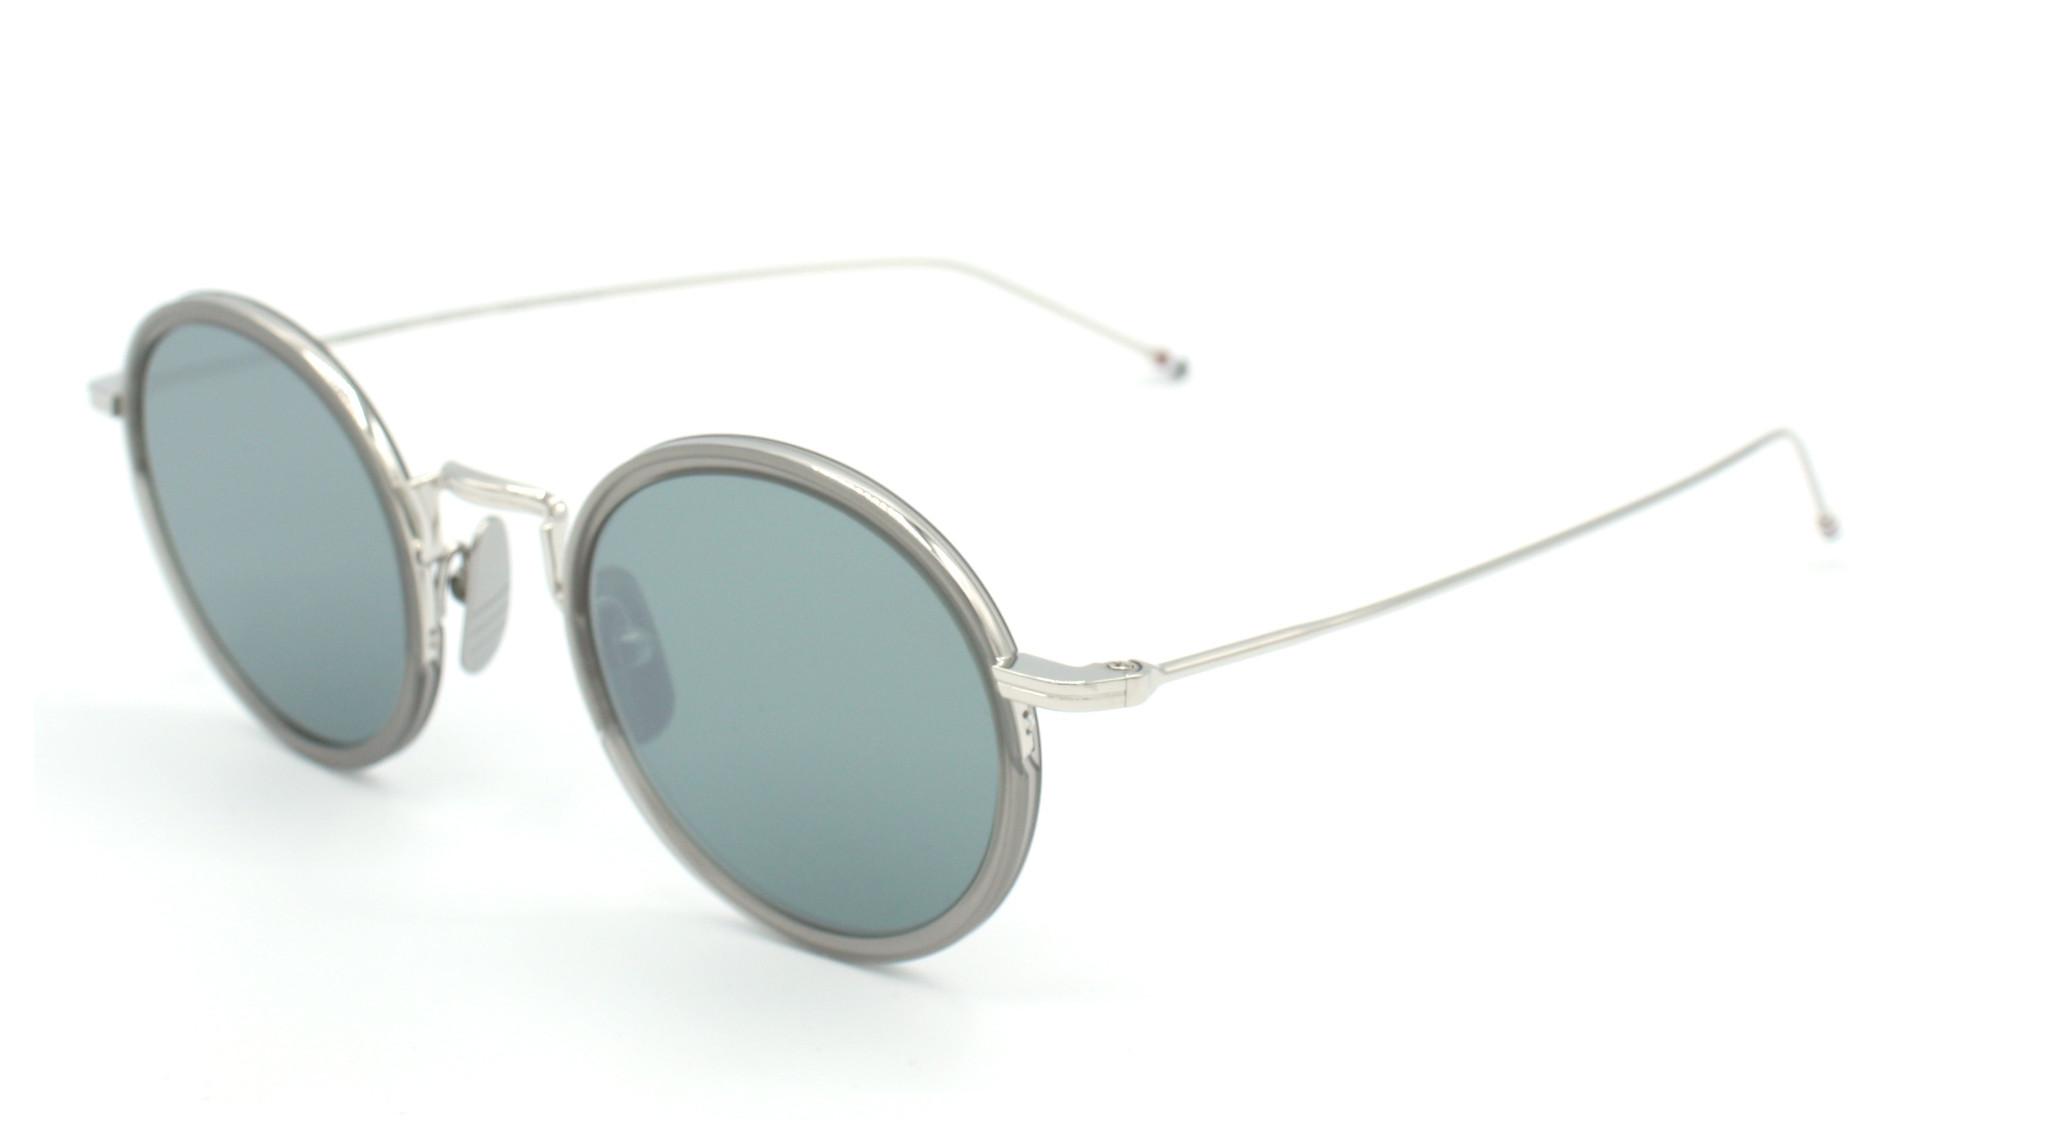 Thom Browne - TBS906-46-03 - TB-906 // Satin Crystal Grey - Silver w/ Dark Grey - Silver Flash Mirror AR-2